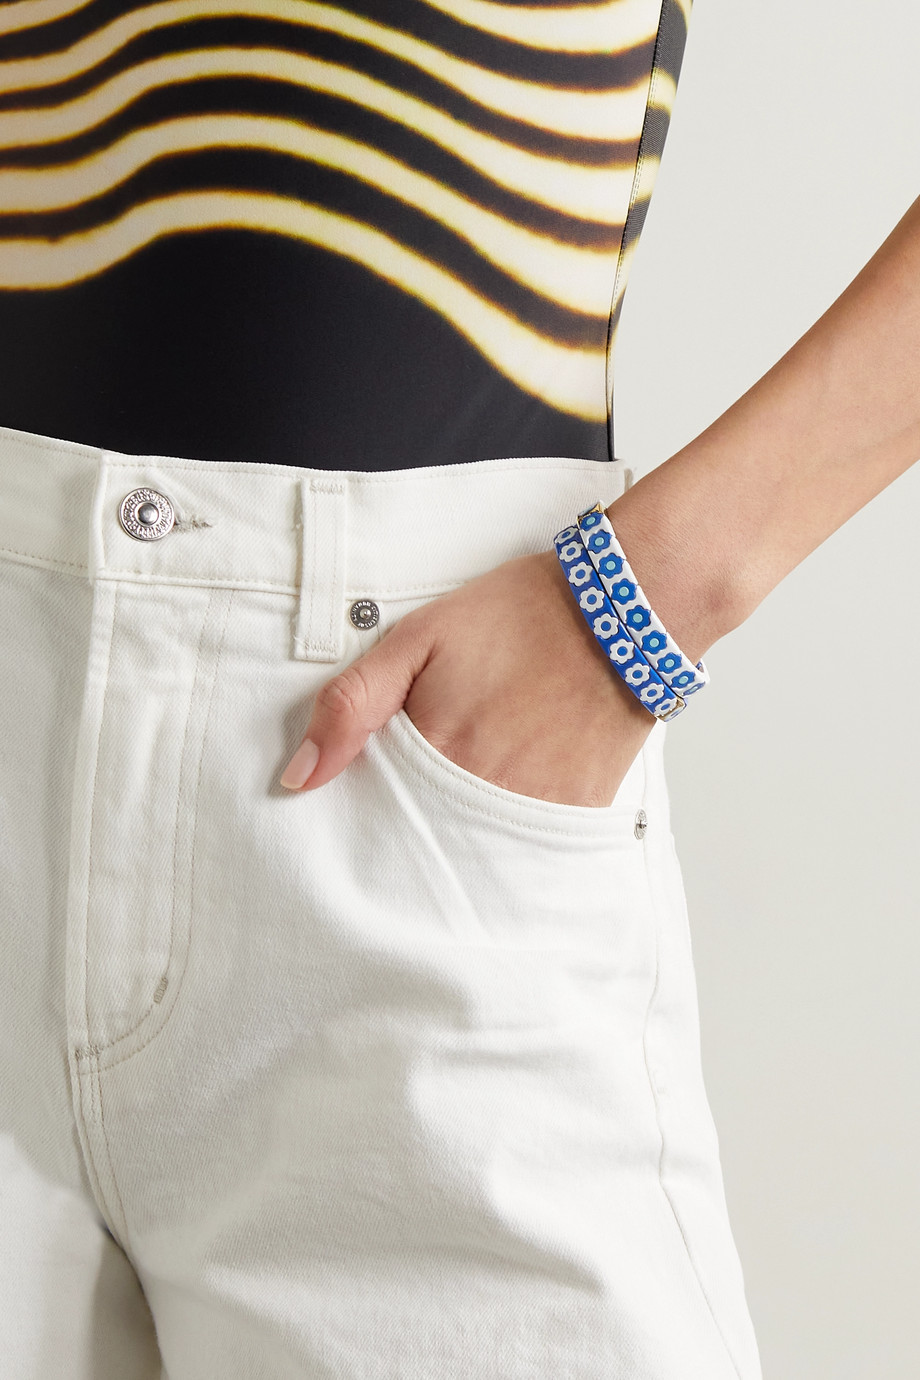 Roxanne Assoulin Set de bracelets en émail et métal doré Cornflower